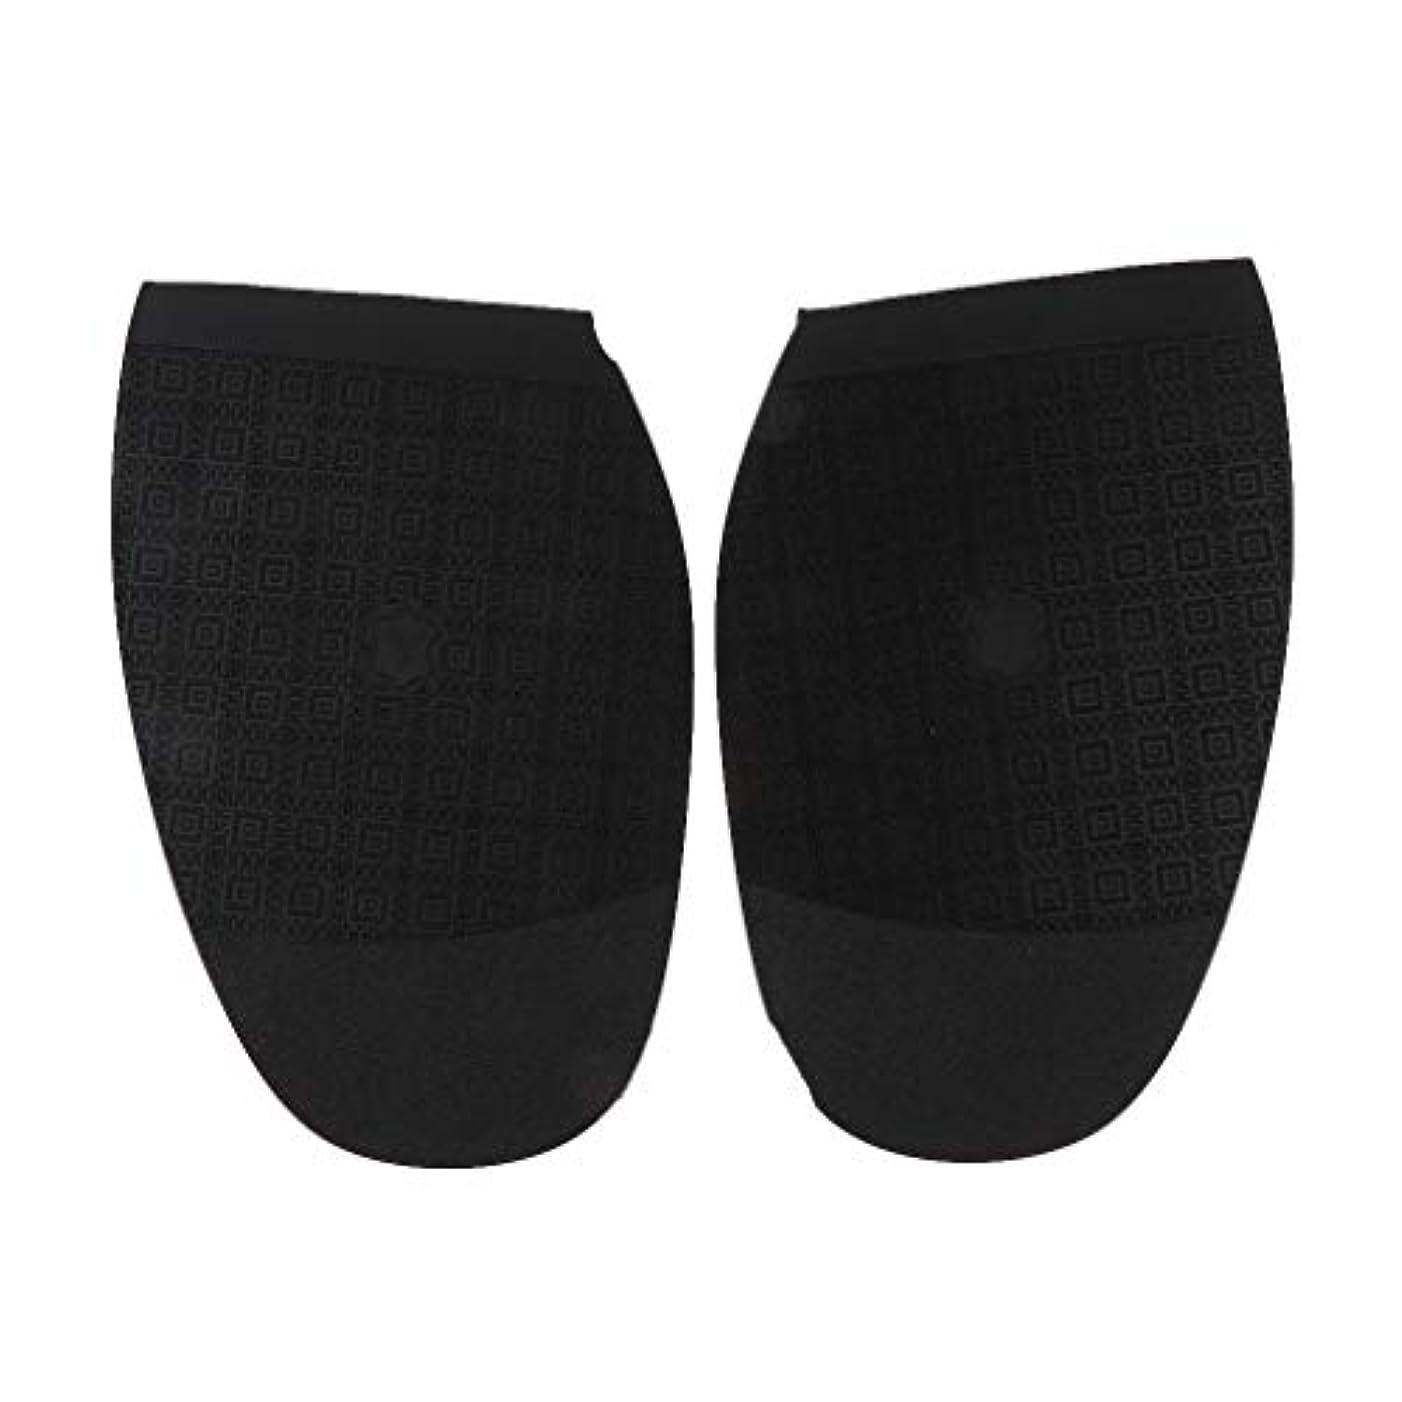 近似少ない読書Fenteer 靴擦れ防止 かかと パッド 足裏保護パッド 滑り止め 前足パッド 半底の交換 靴修理用具 交換用ヒール